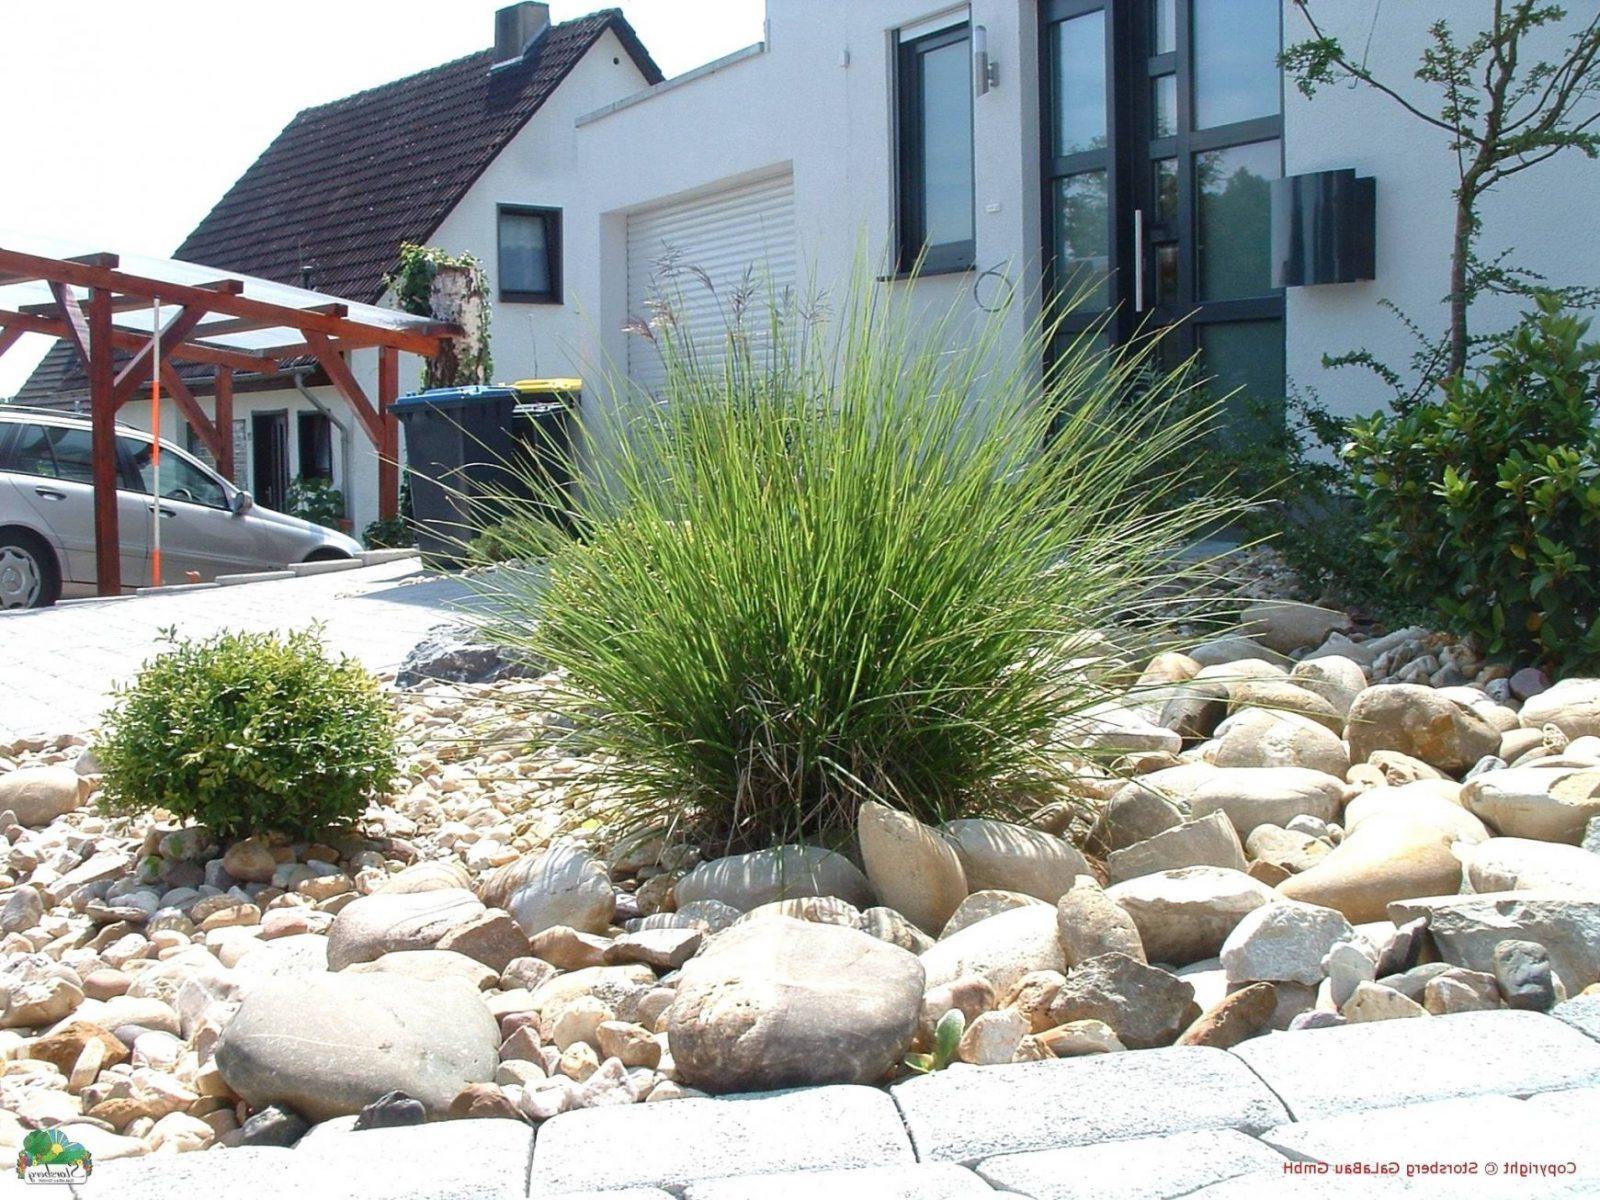 Gartengestaltung Bilder Modern Von Vorgarten Gestalten Mit Kies Und von Vorgarten Gestalten Mit Kies Und Gräsern Bild